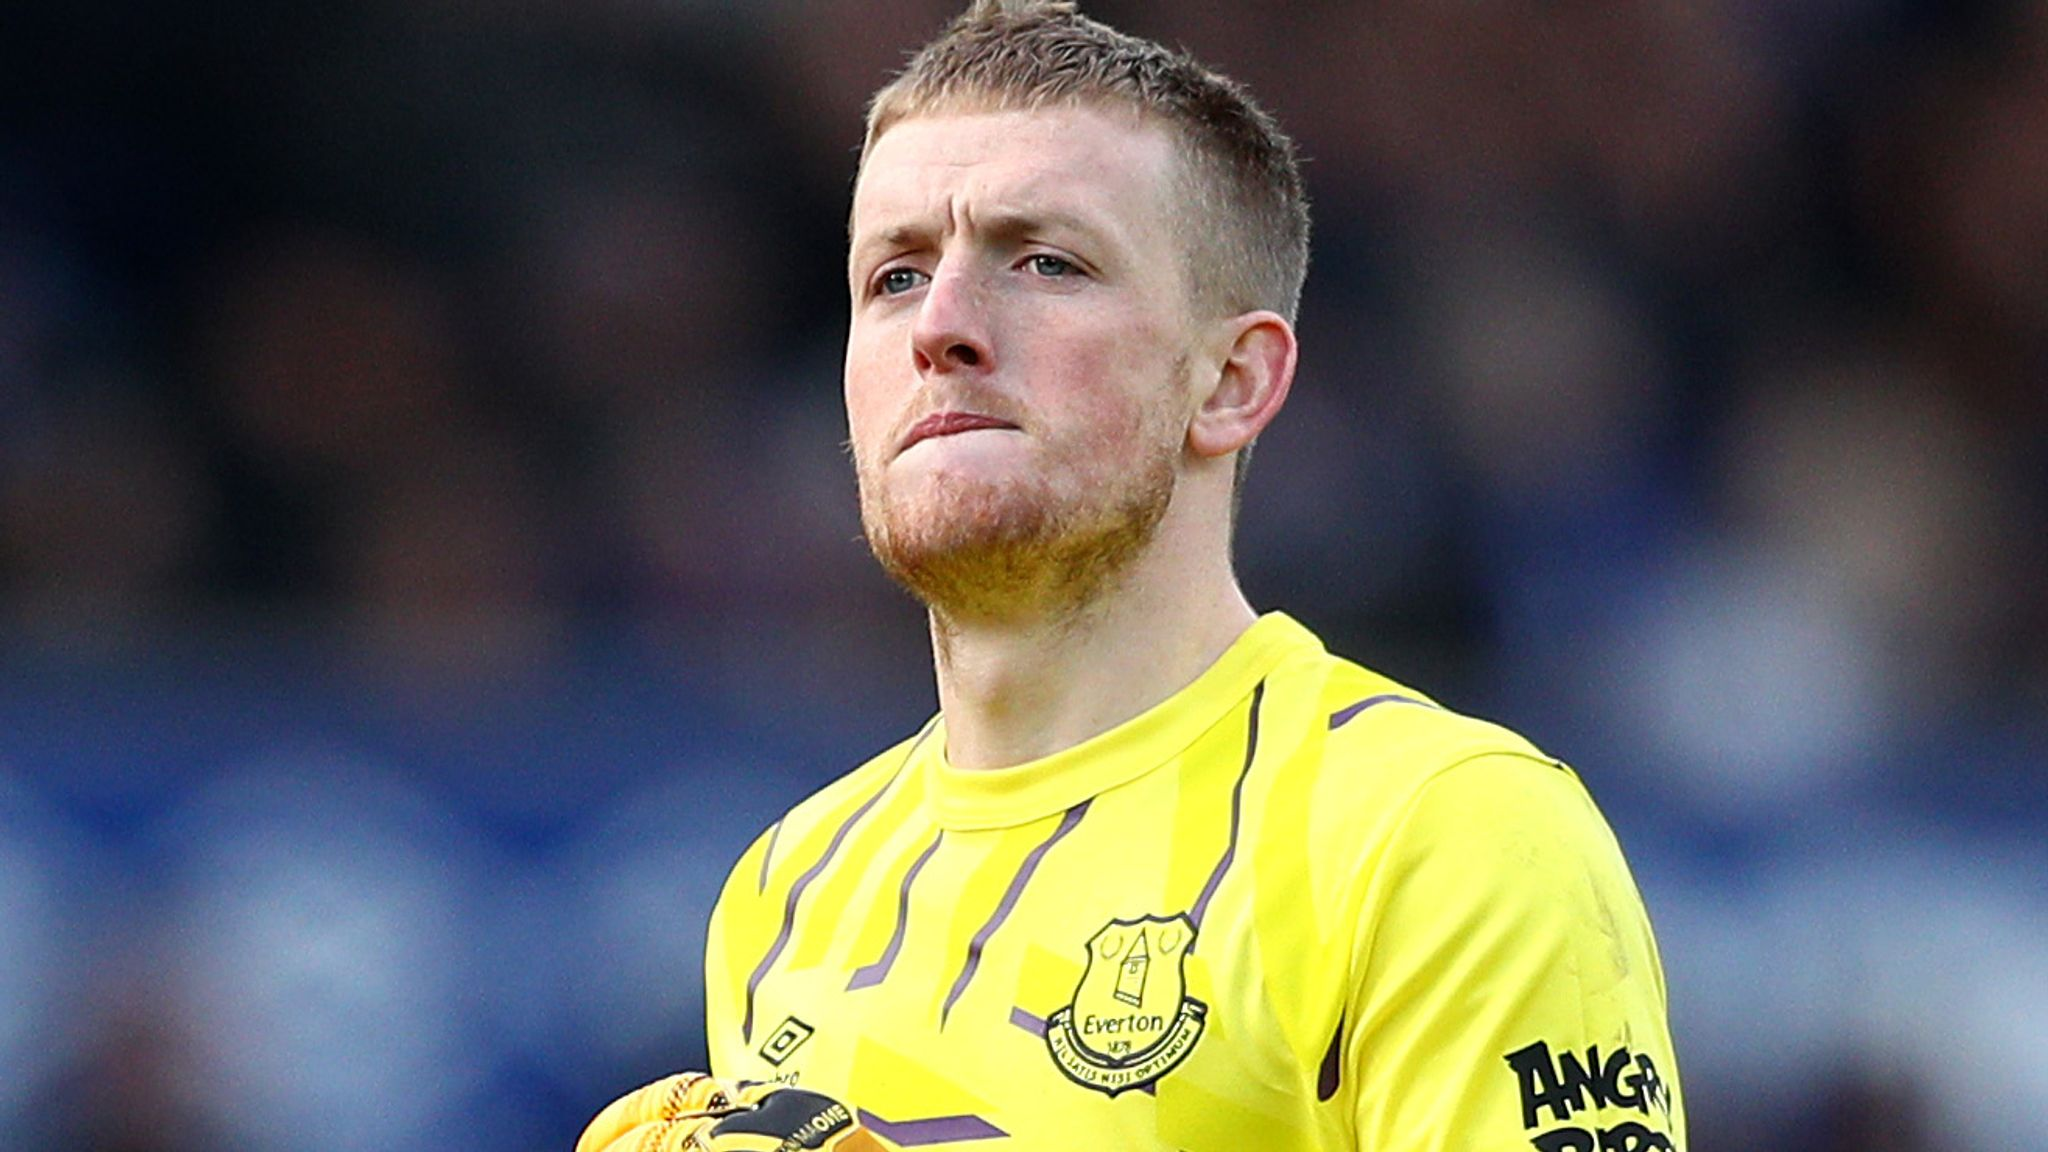 Jordan Pickford is not a good goalkeeper, says Roy Keane | Football News |  Sky Sports